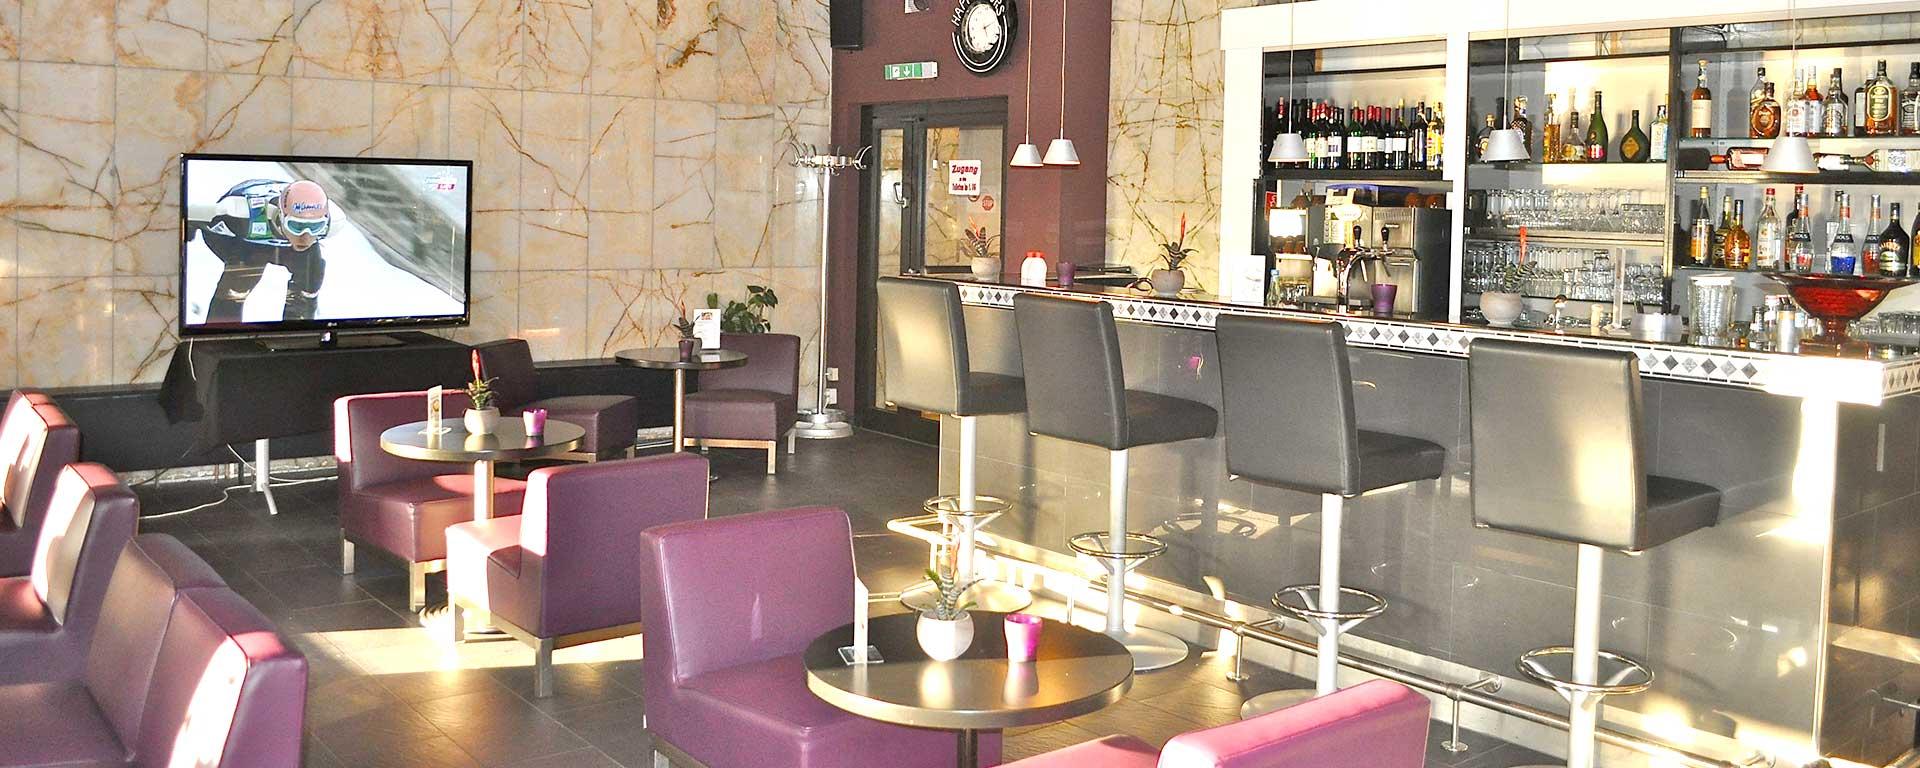 SAVOY Hotel Frankfurt City am Hauptbahnhof: Unsere Hotelbar ist täglich von 9:00 bis 1:00 Uhr geöffnet.